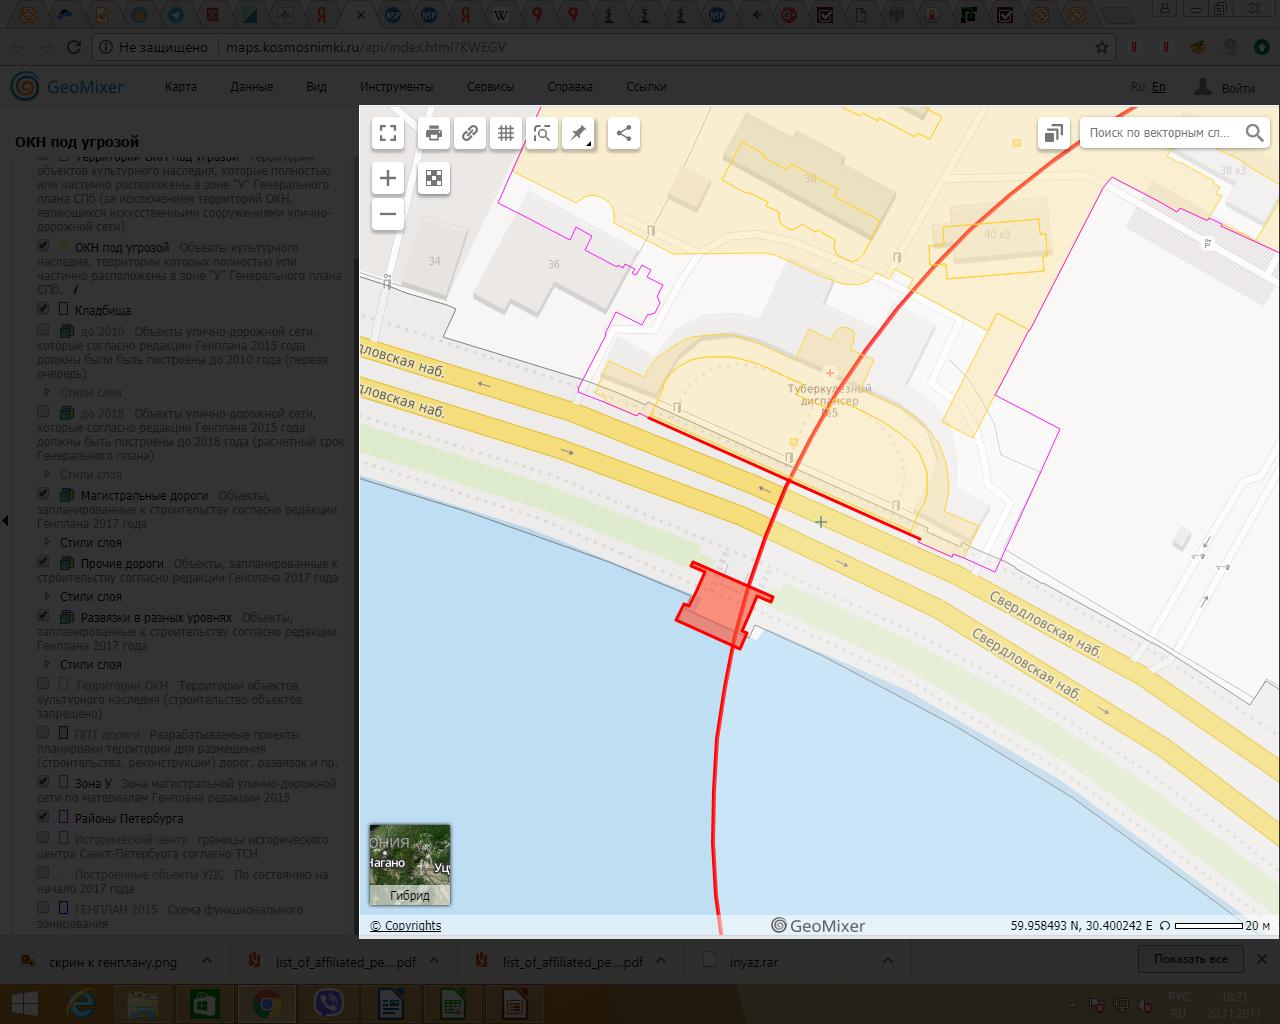 У-резать памятник по Генплану (Иллюстрация 6 из 10) (Фото: скриншот с сайта maps.kosmosnimki.ru)